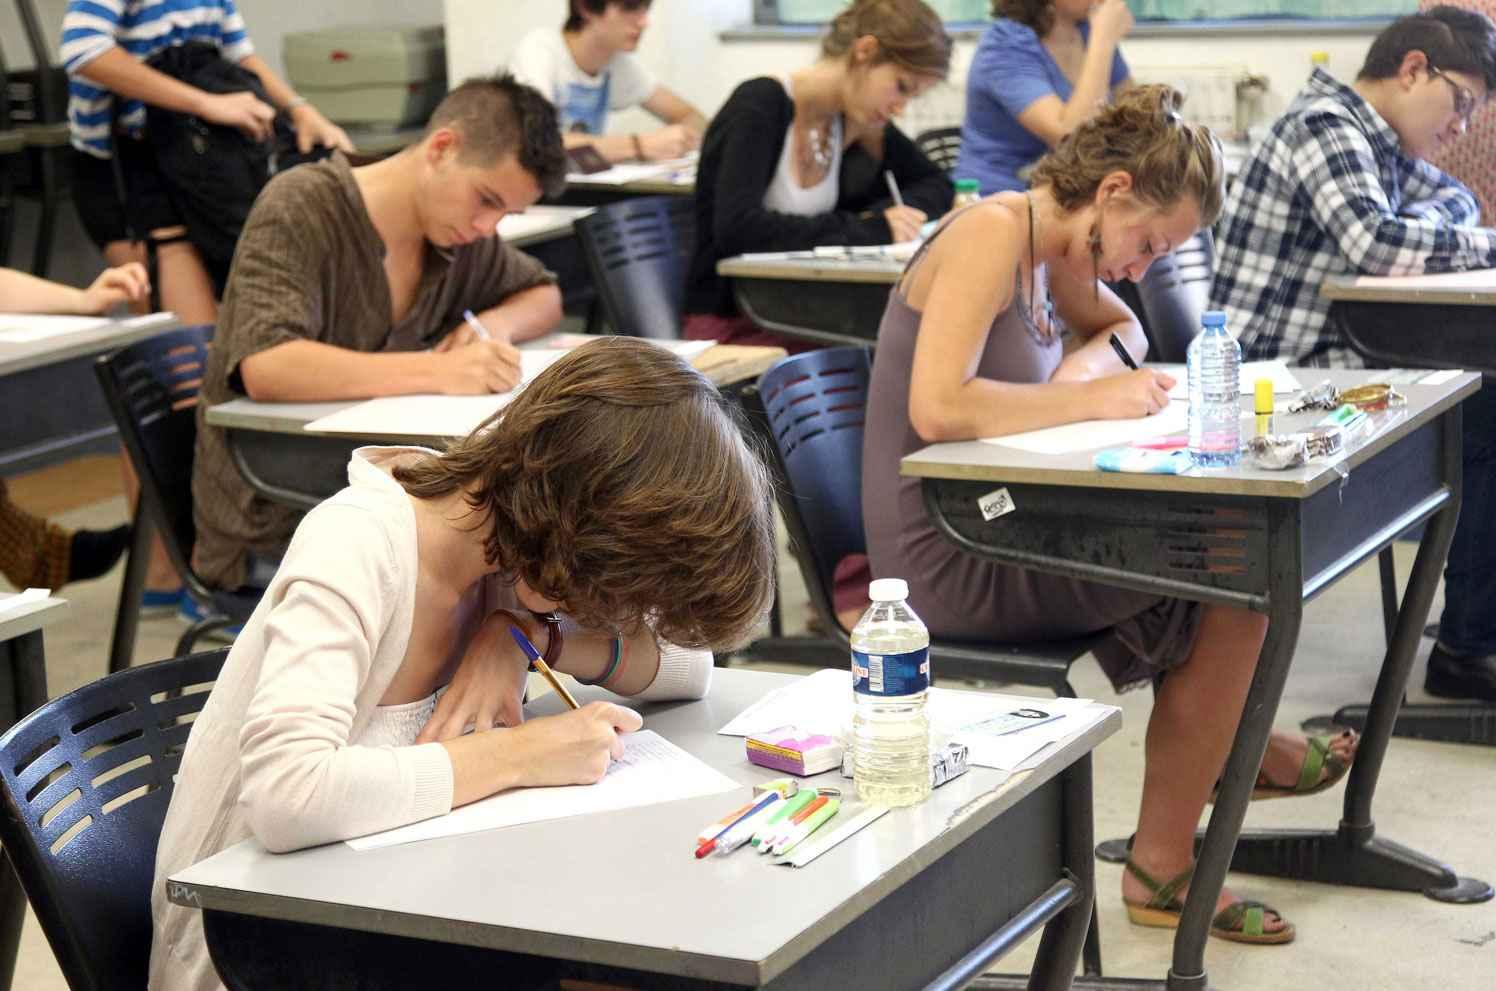 L'étudiant se fait passer pour un prof et récupère les sujets d'examen — Puy-de-Dôme